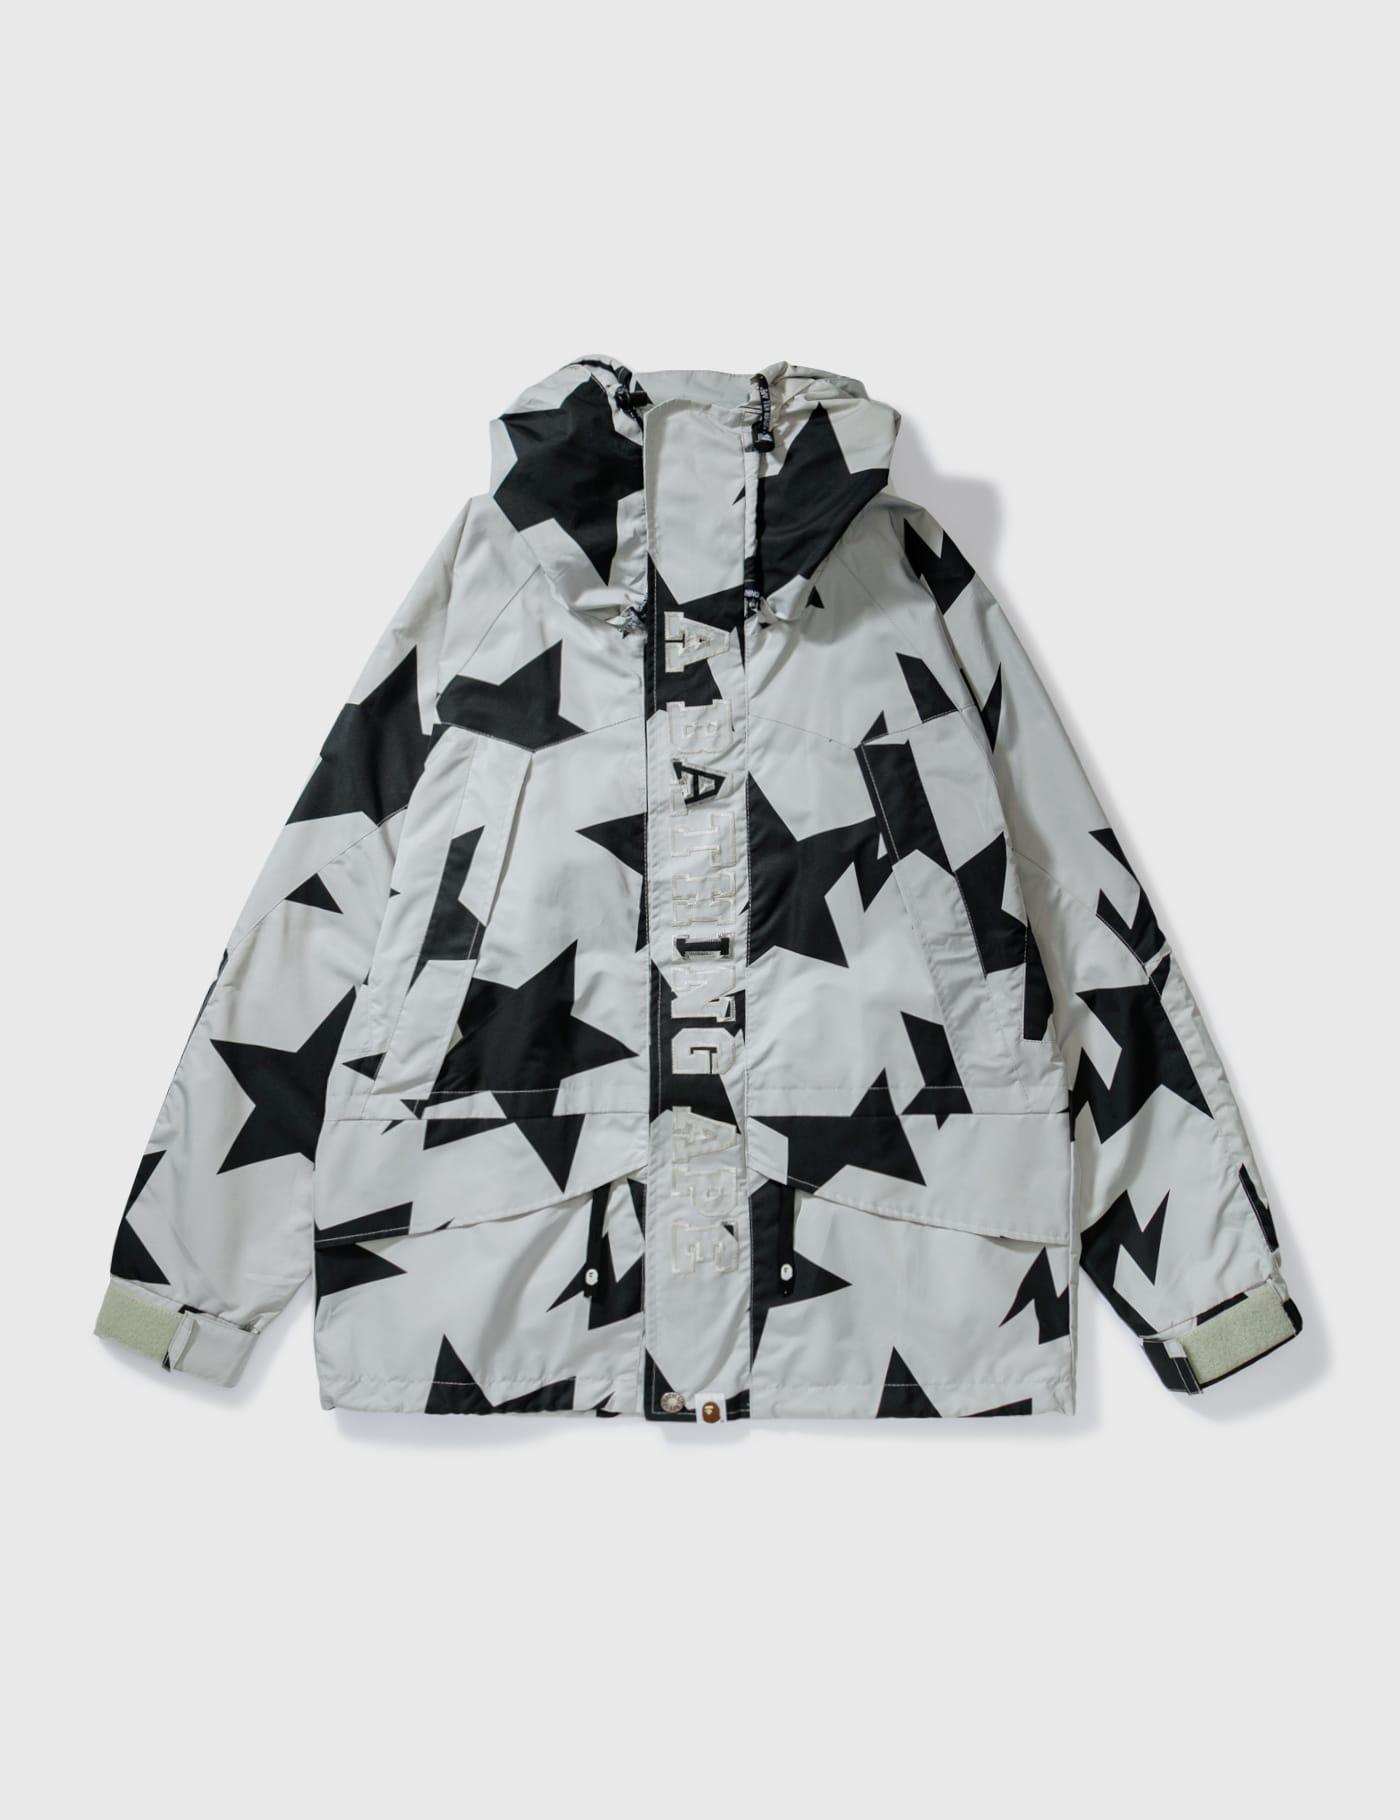 Bape Star Windbreaker Jacket